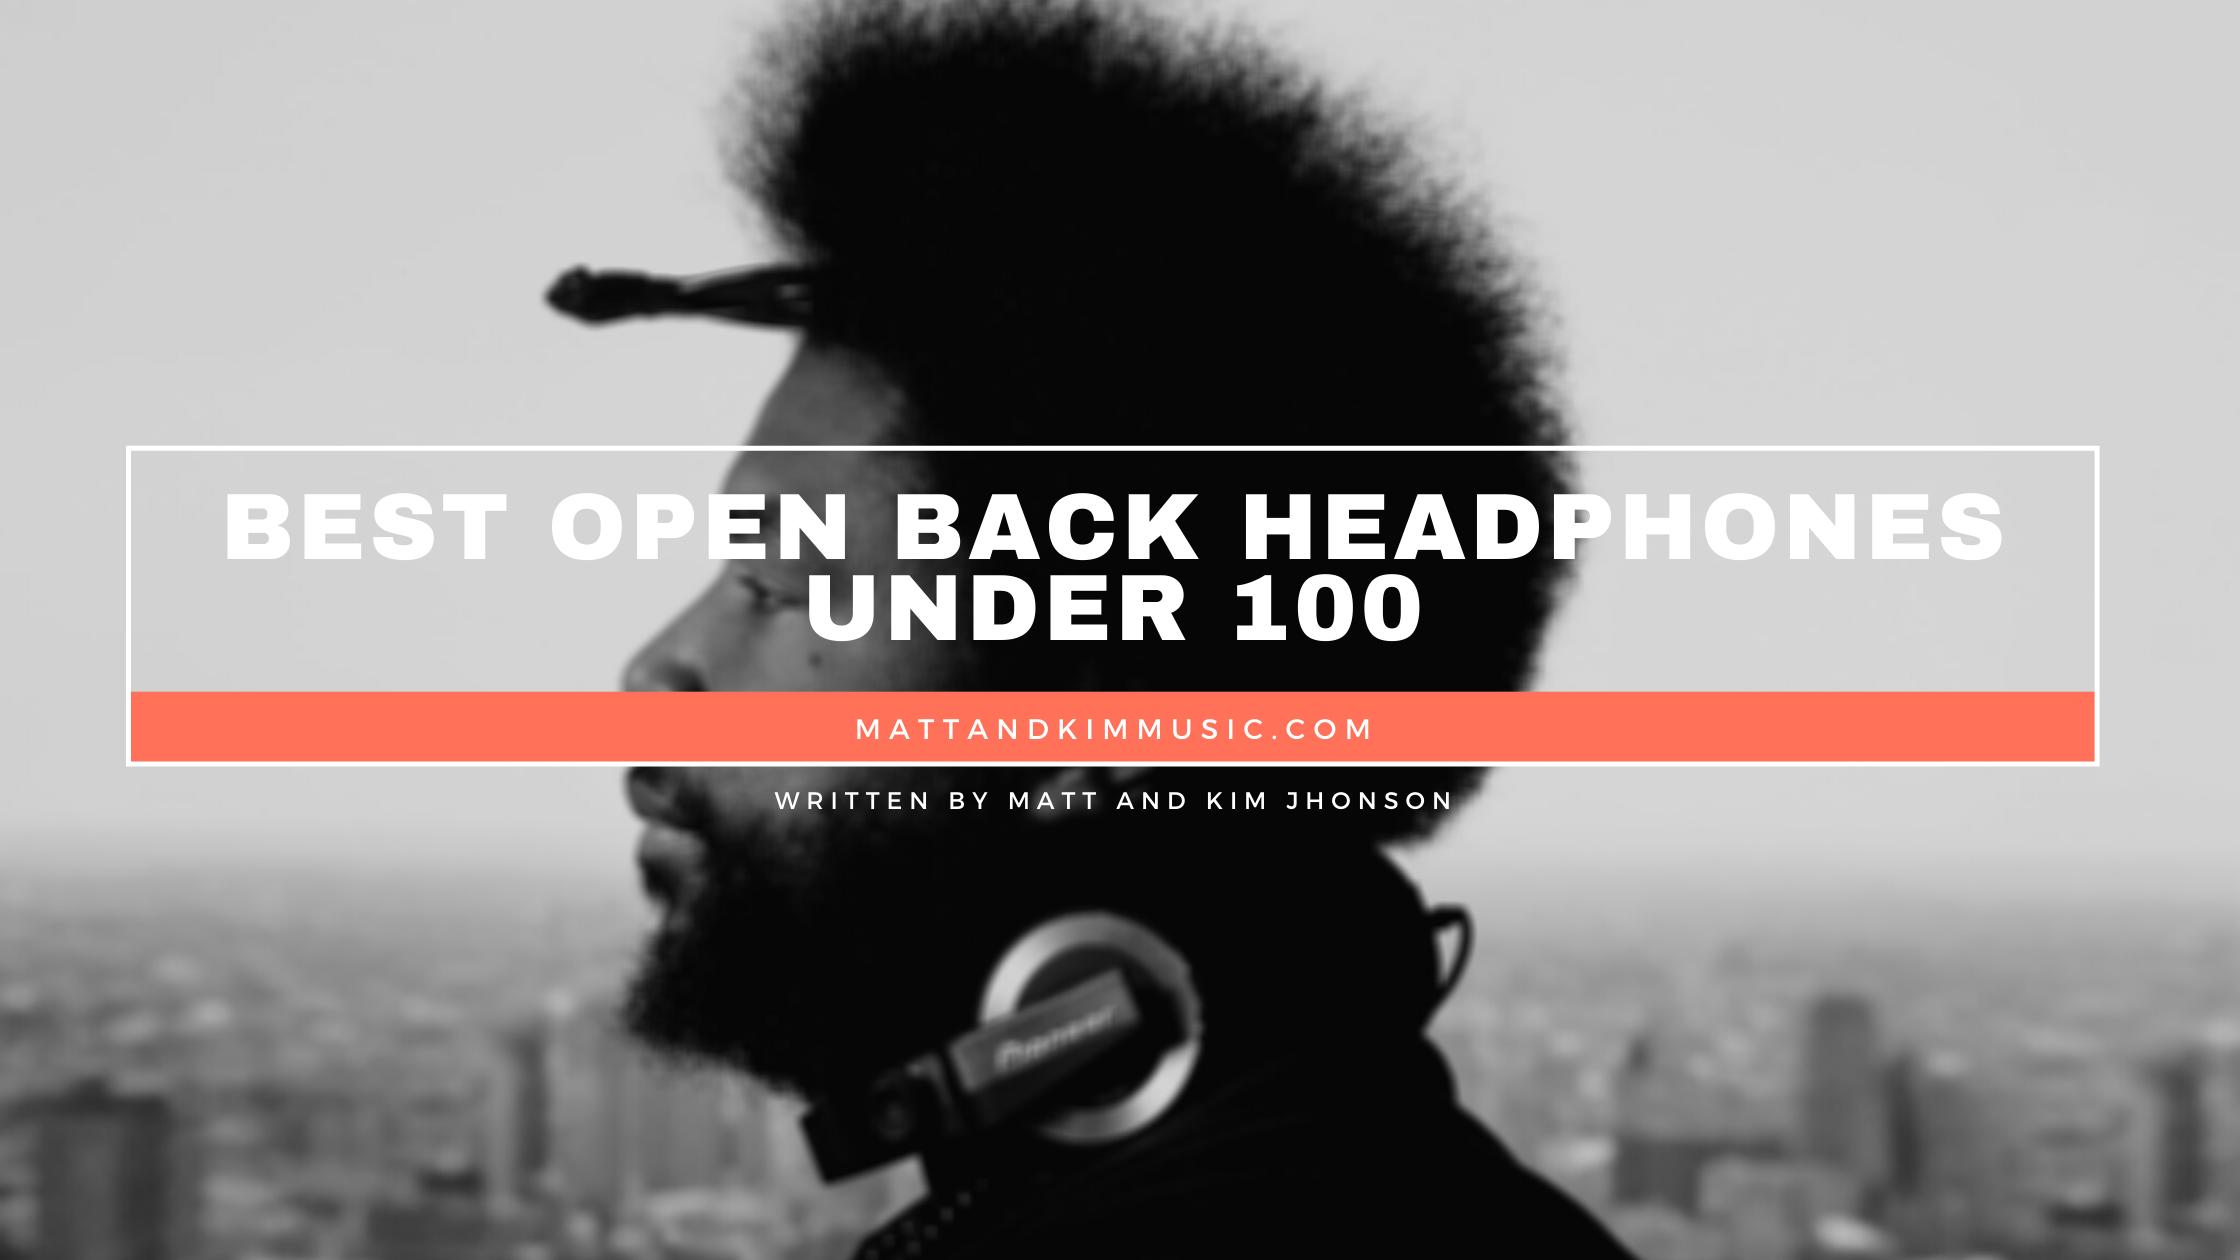 best open back headphones under 100